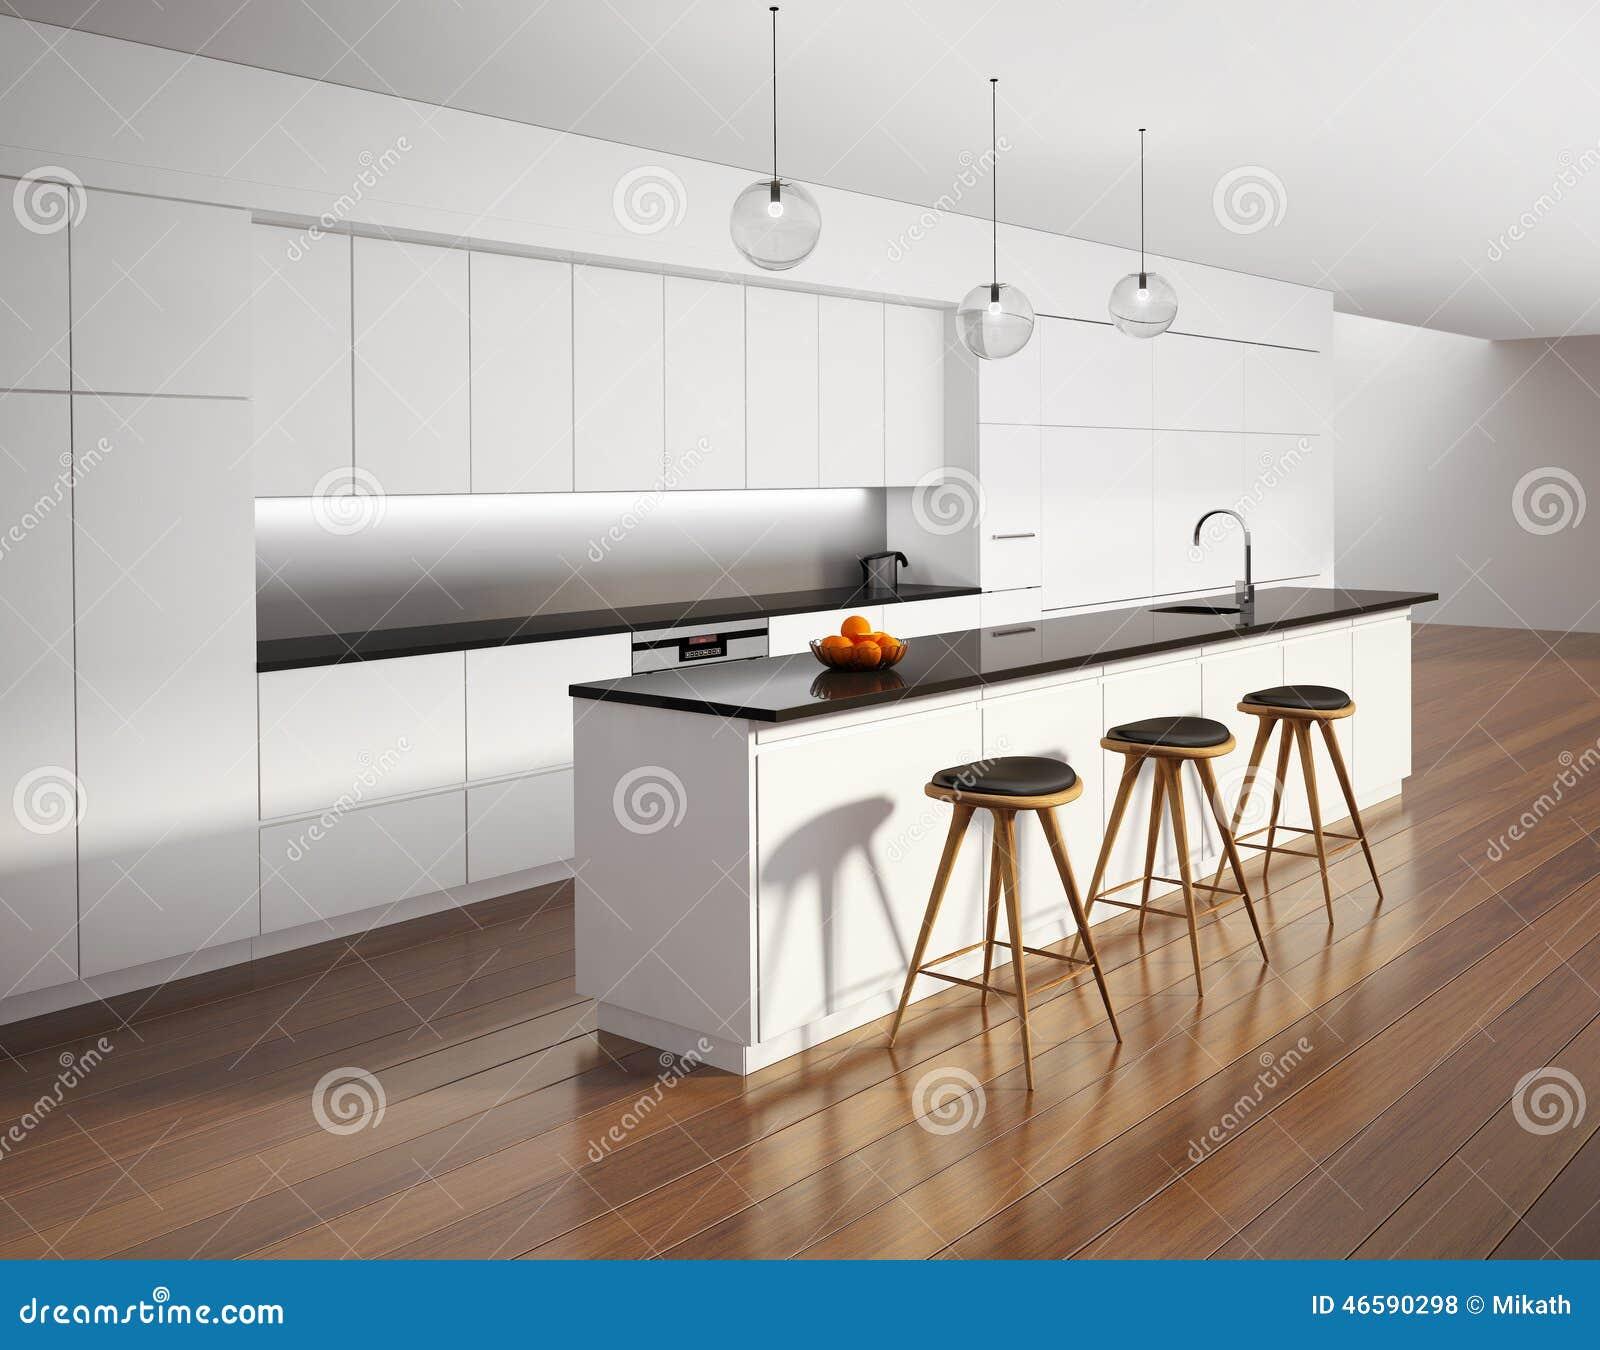 Keuken scandinavisch decor - Witte keuken decoratie ...